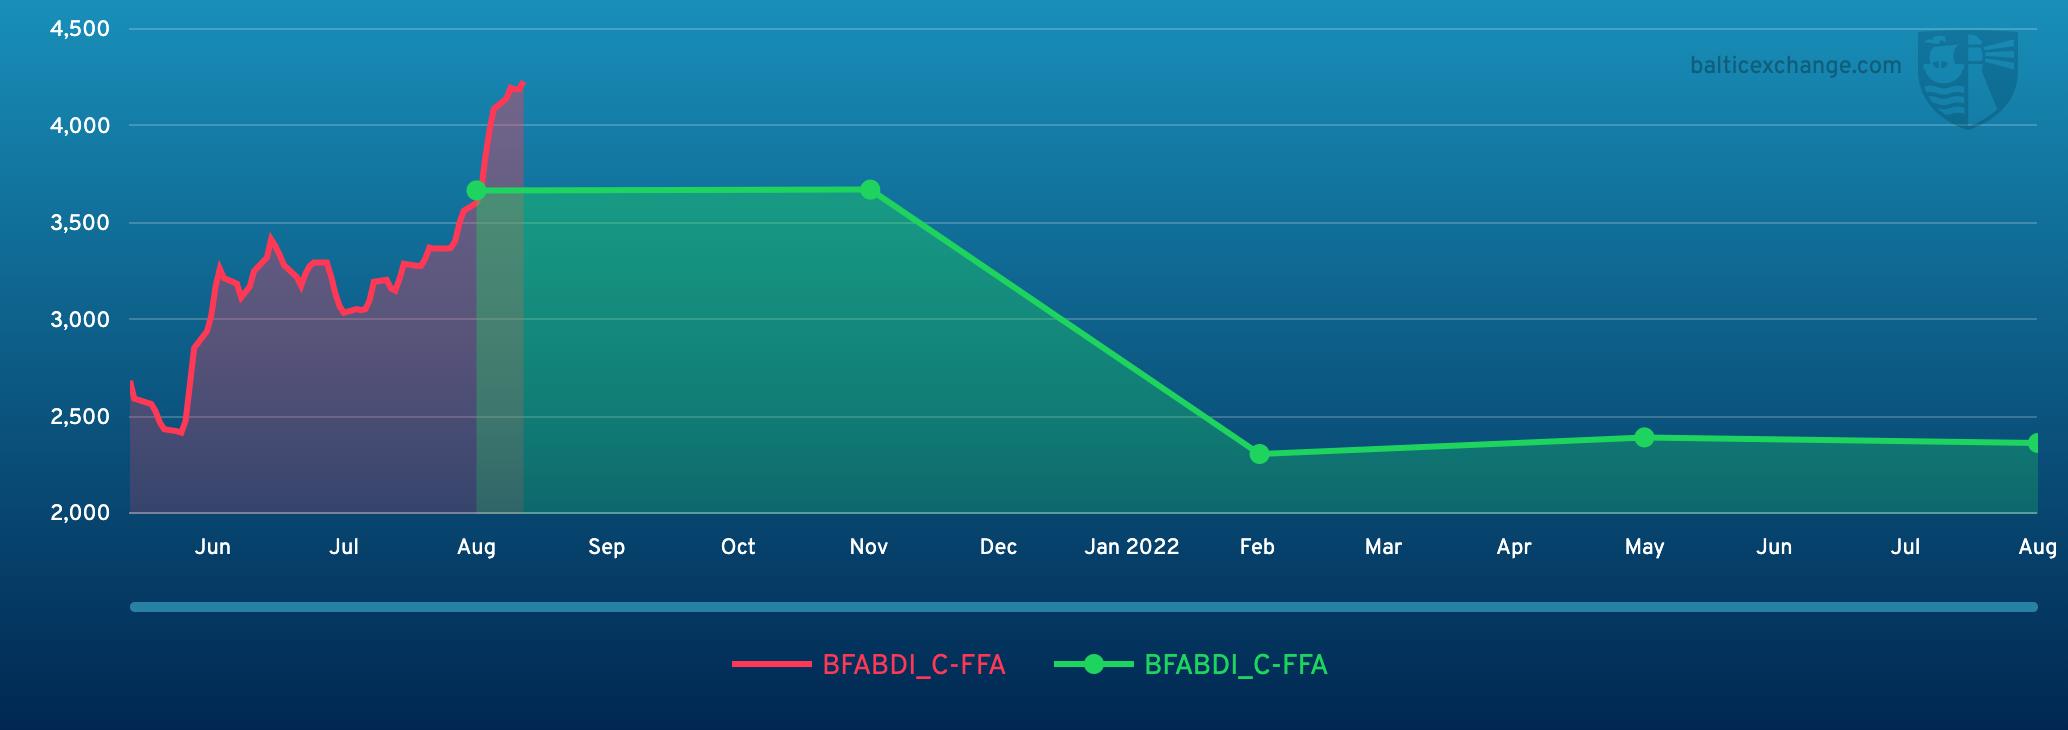 BFABDI_C-FFA 270521 160822.png